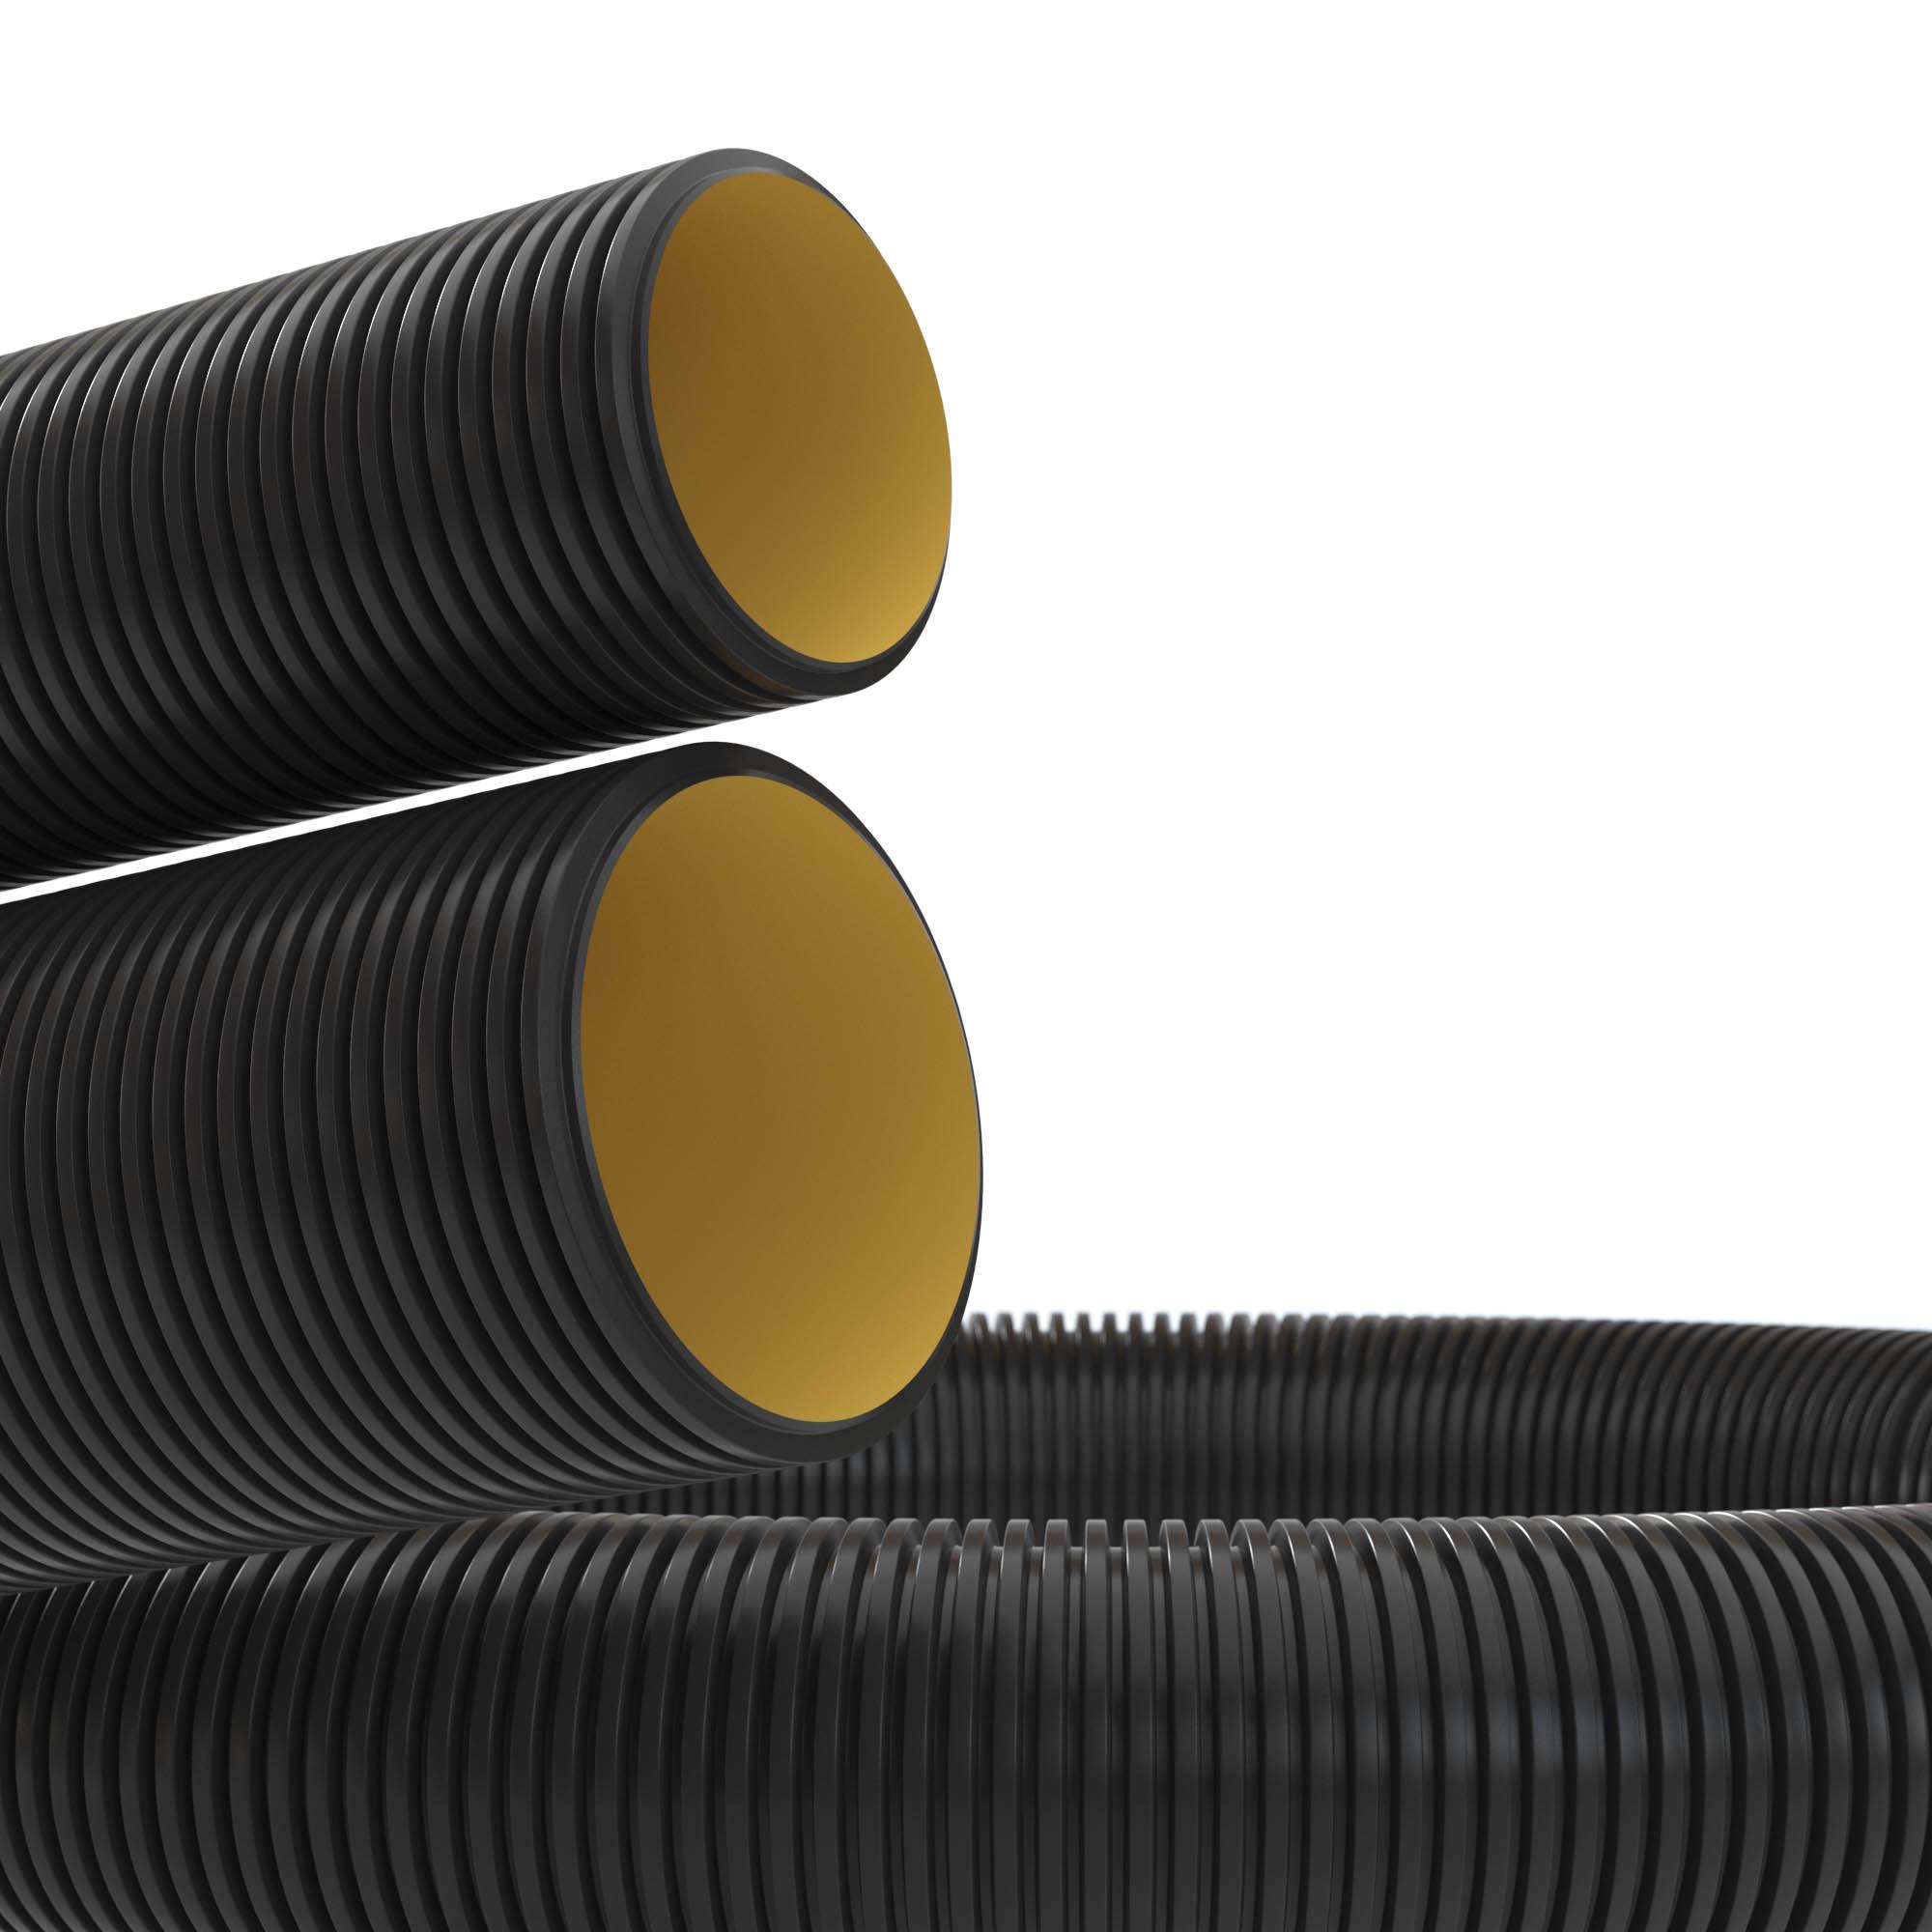 Двустенная труба ПНД гибкая для кабельной канализации d 110мм без протяжки SN8 450Н черный